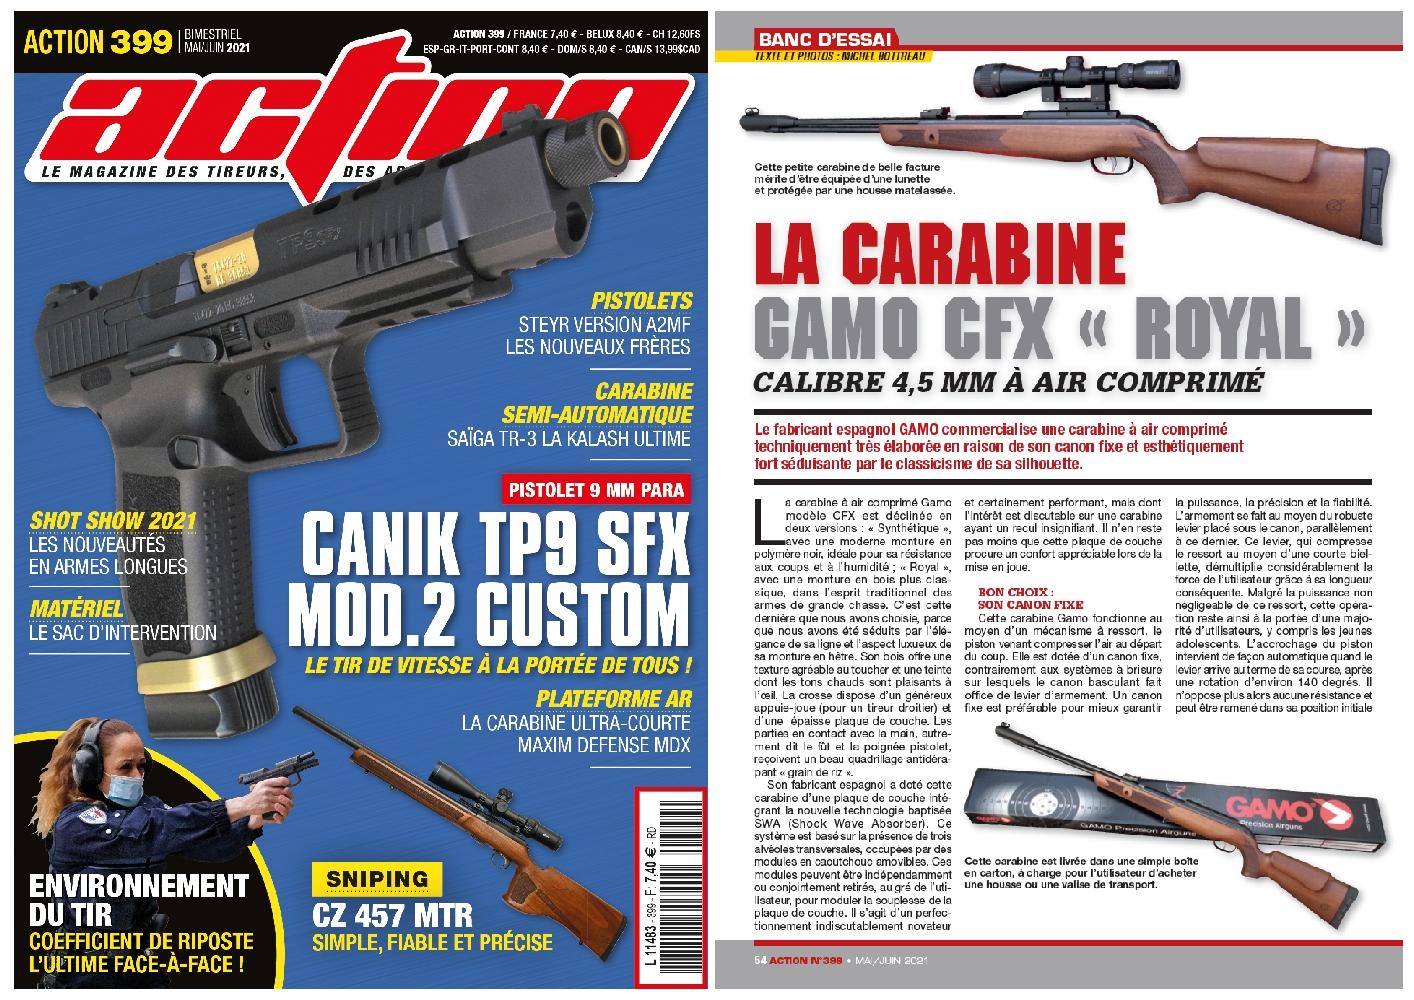 Le banc d'essai de la carabine à air comprimé Gamo CFX Royal a été publié sur 6 pages dans le magazine Action n°399 (mai-juin 2021).